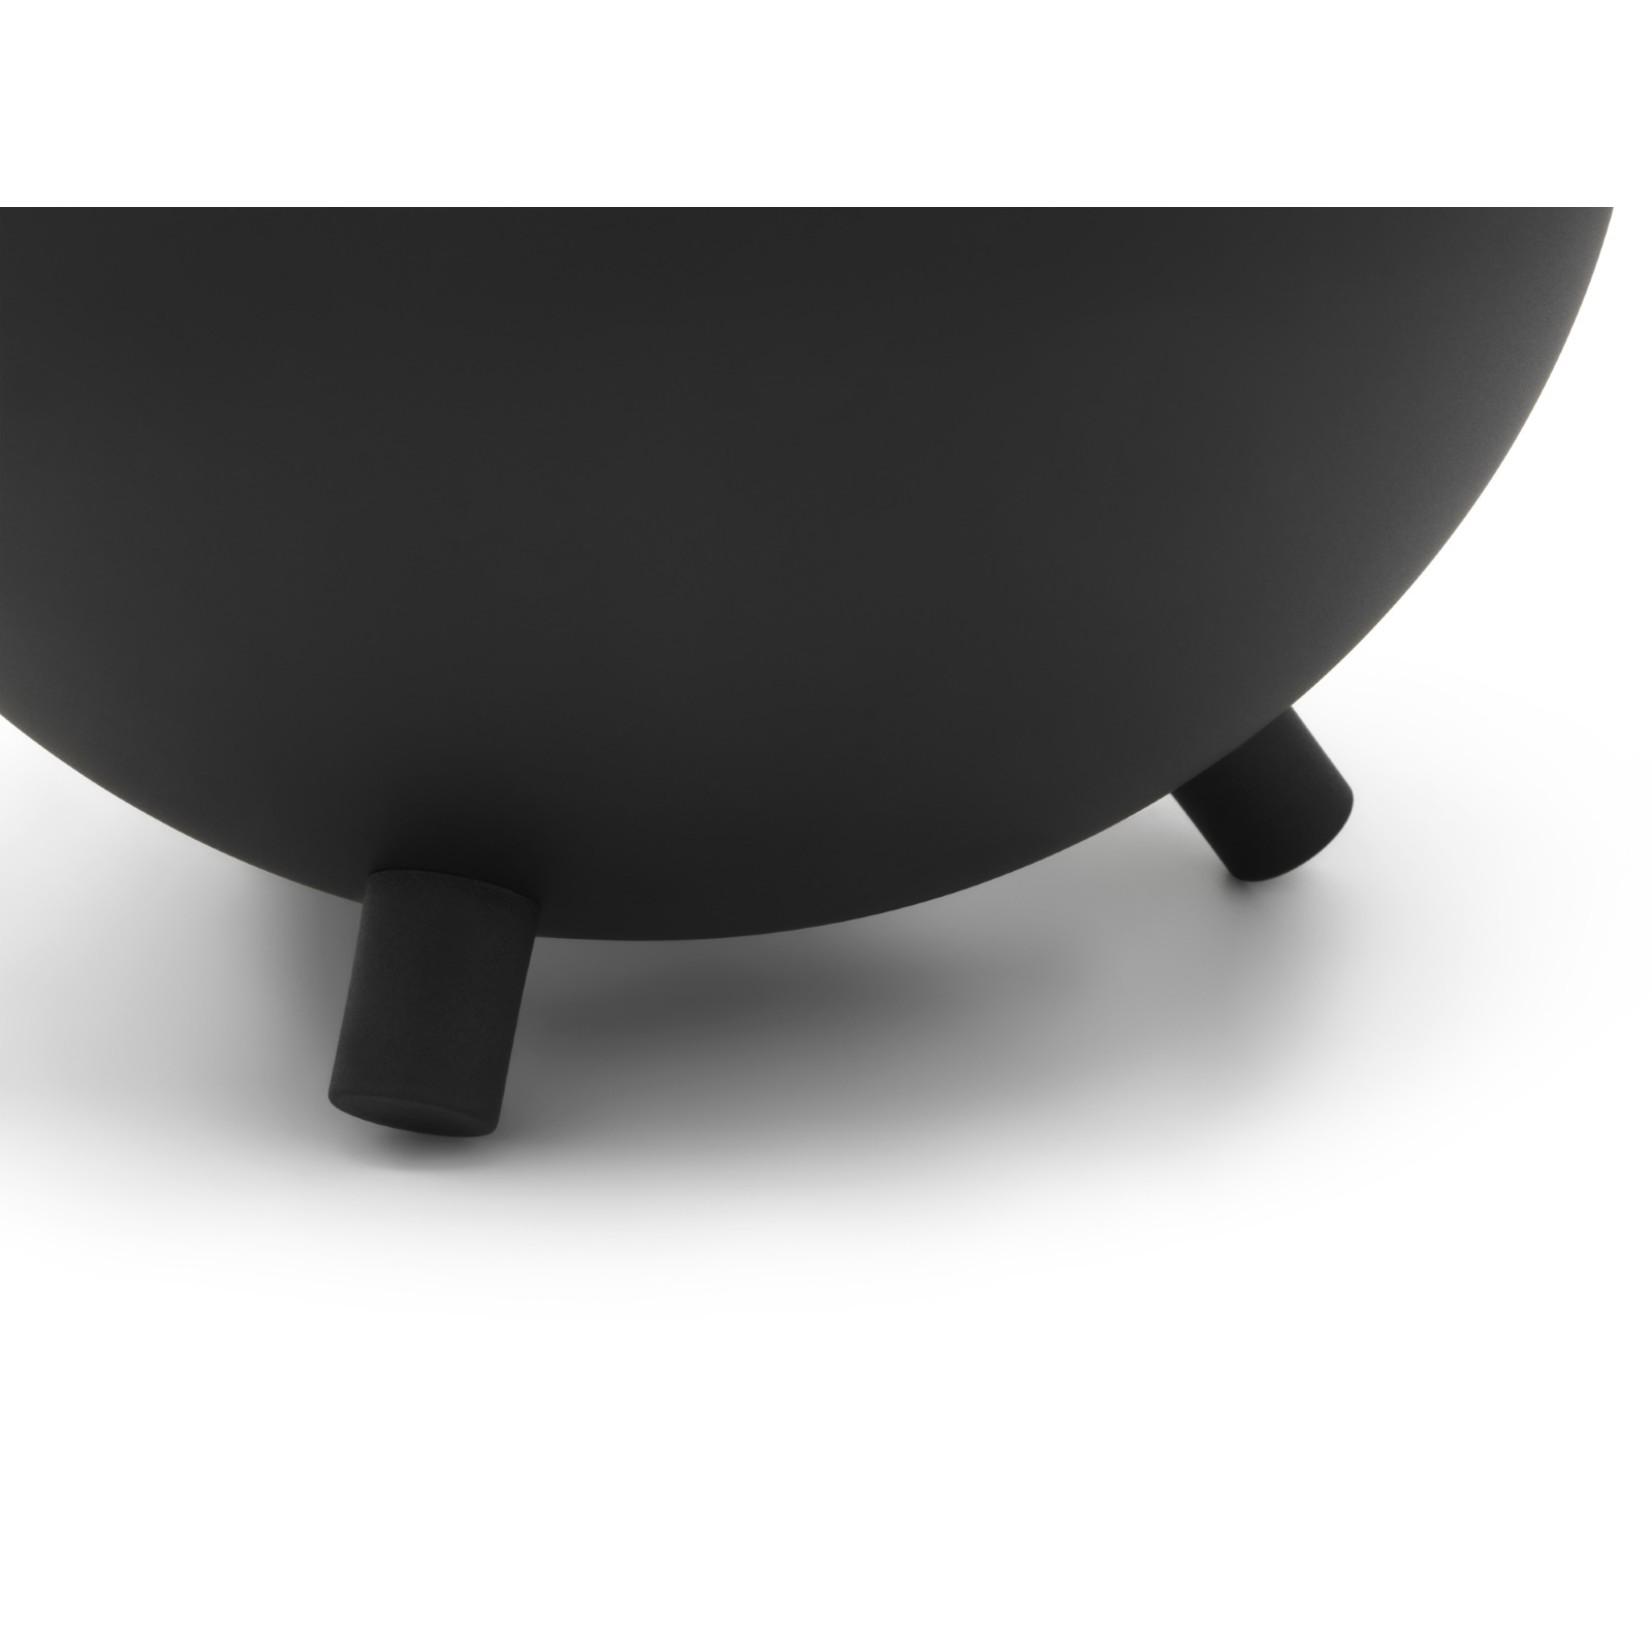 Bredemeijer Bredemeijer Duet Design theepotten Theepot Duet Design Saturn mat zwart 1,2L